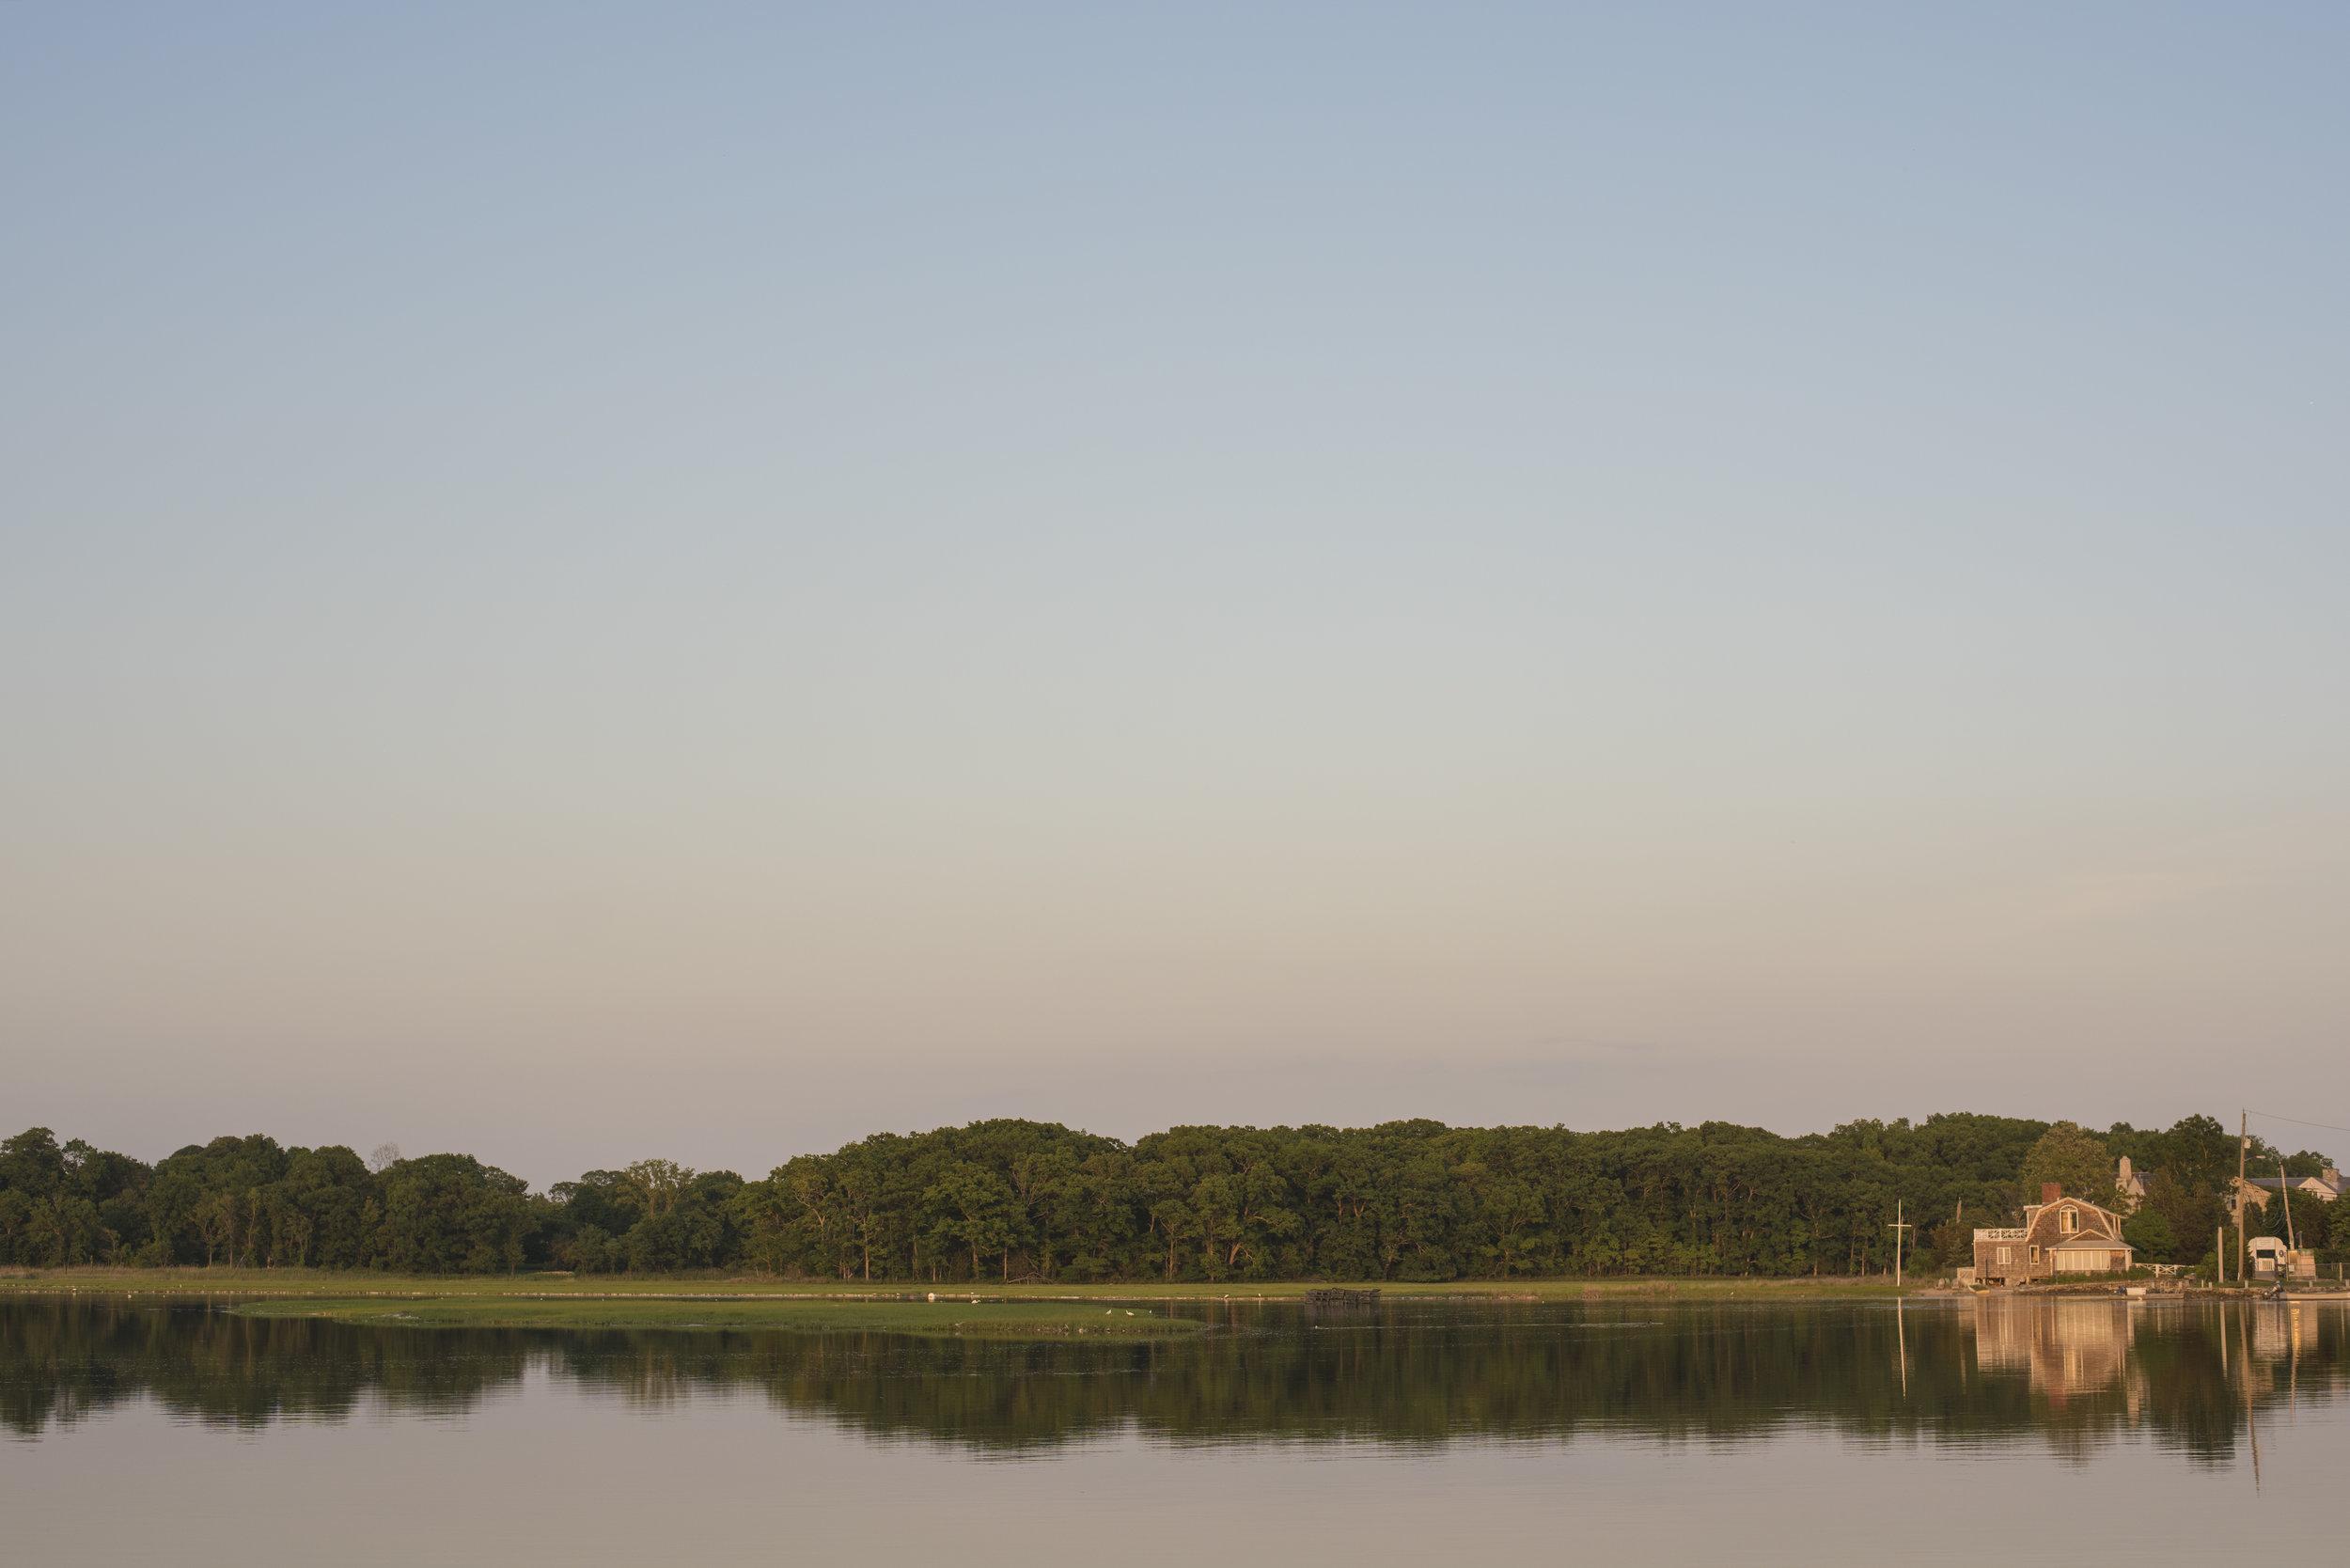 dusk-on-the-water2_42652381062_o.jpg